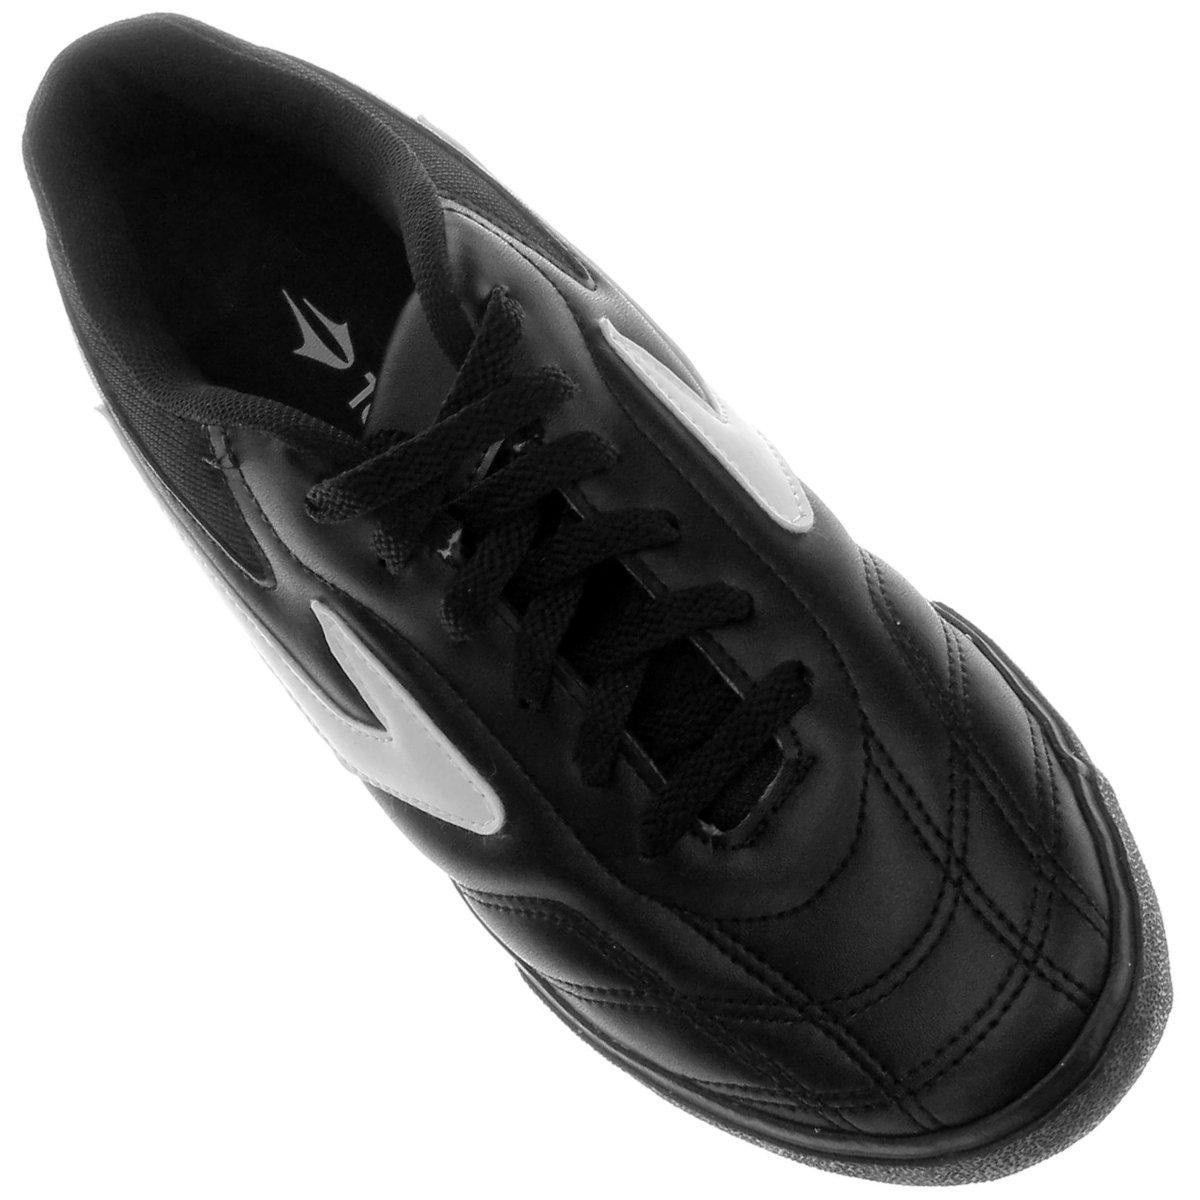 Chuteira Futsal Topper Dominator 3 - Preto e Branco - Compre Agora ... 2893513fa28c8